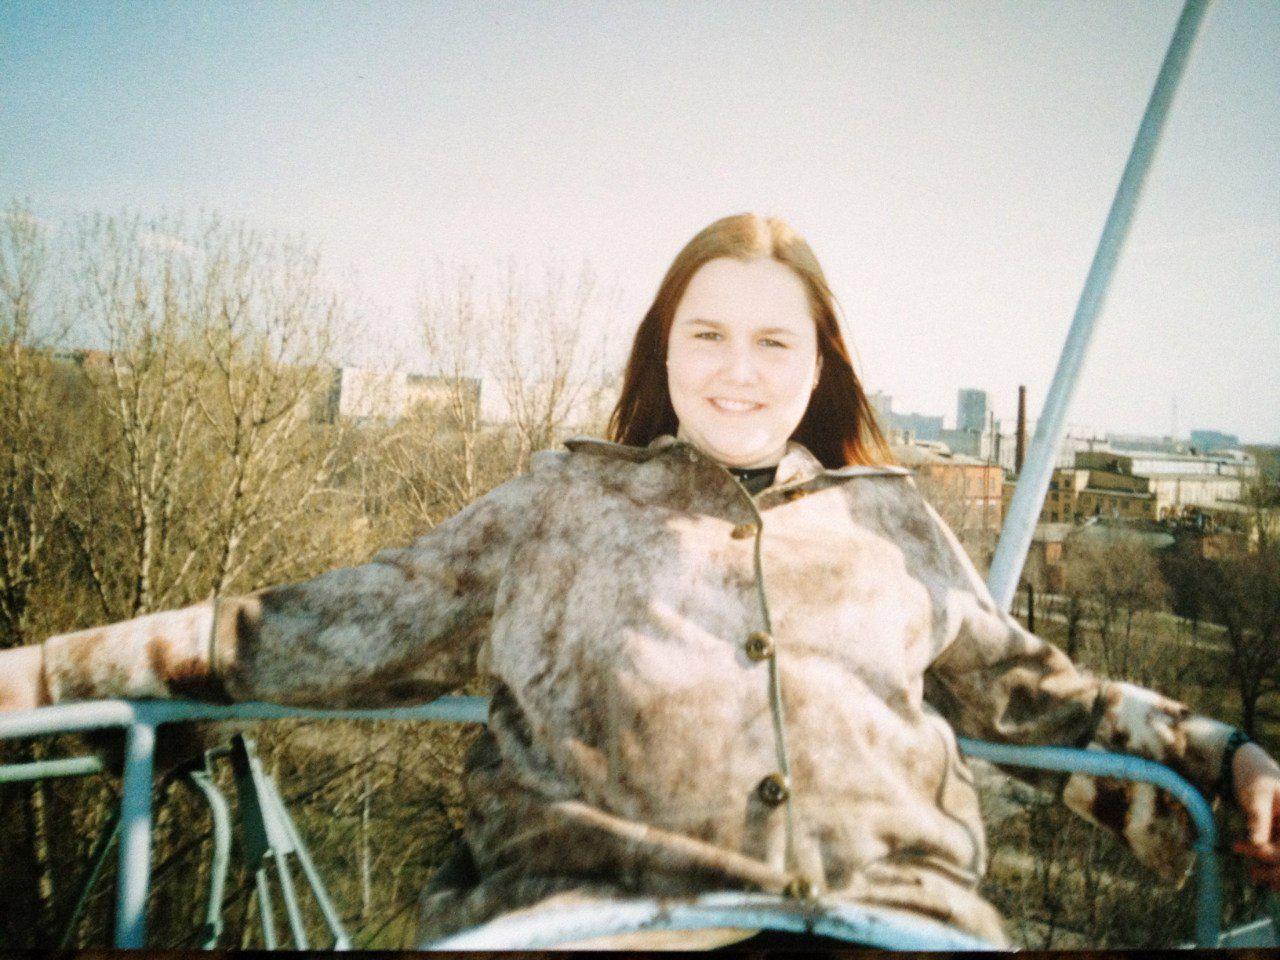 Пусть говорят девушка похудела на 54 кг татьяна рыбакова 22 фотография